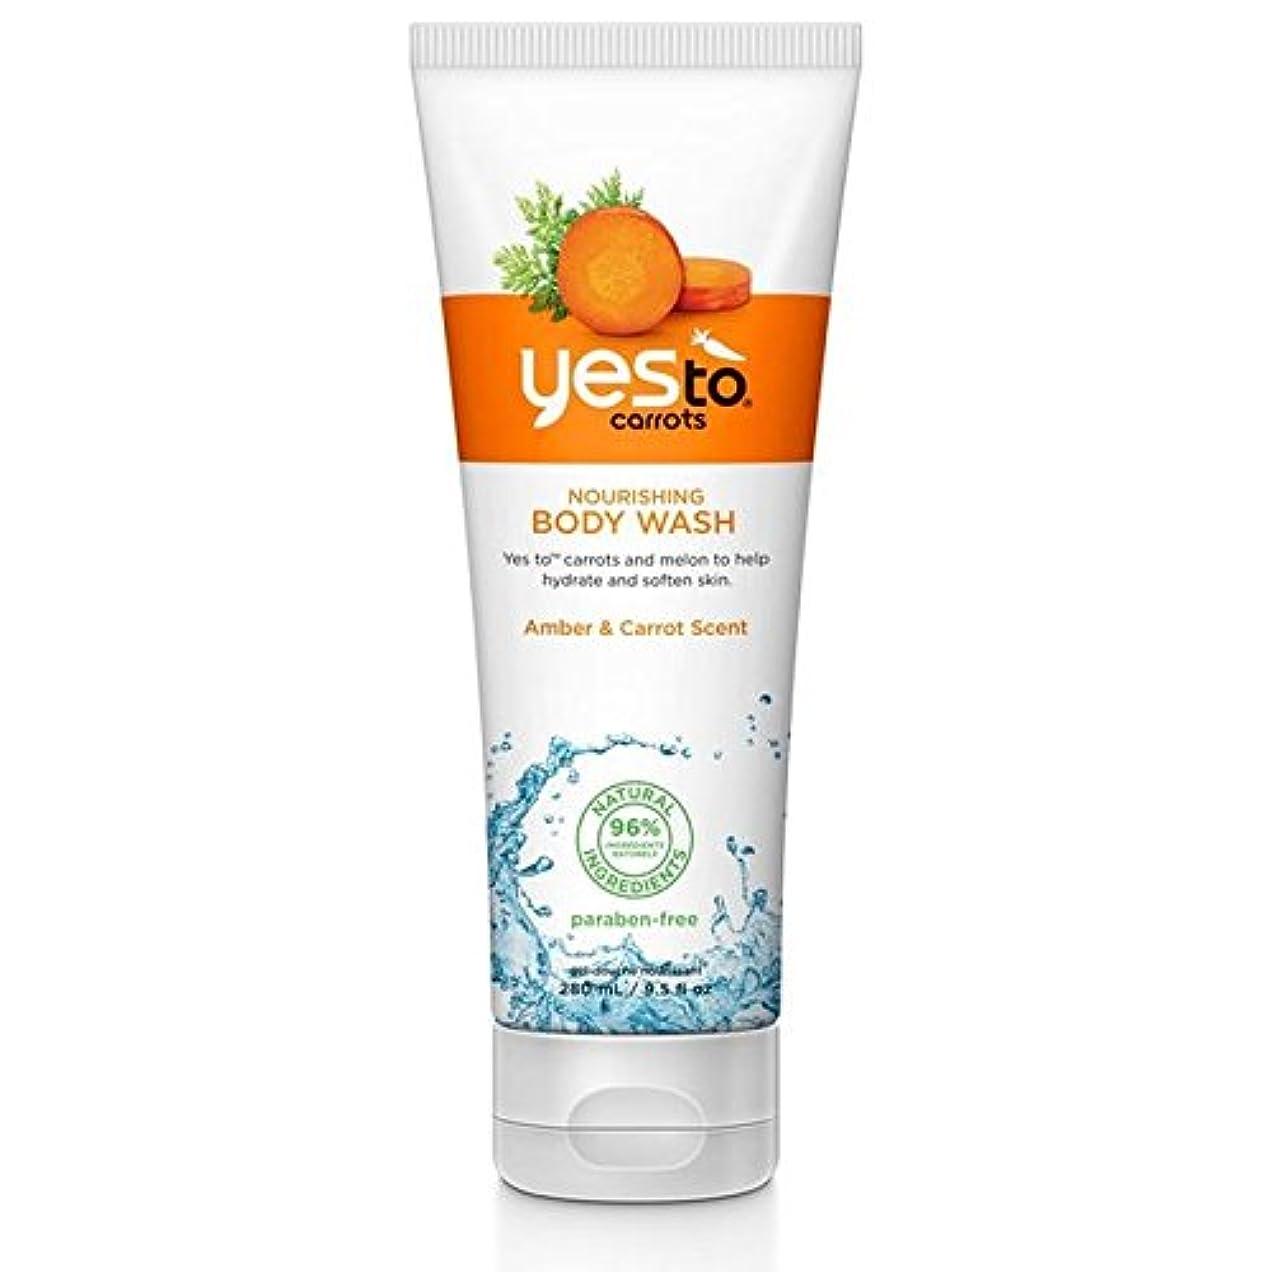 ペフ甘やかす環境に優しいYes To Carrots Nourishing Body Wash 280ml - はいボディウォッシュ280ミリリットル栄養ニンジンへ [並行輸入品]